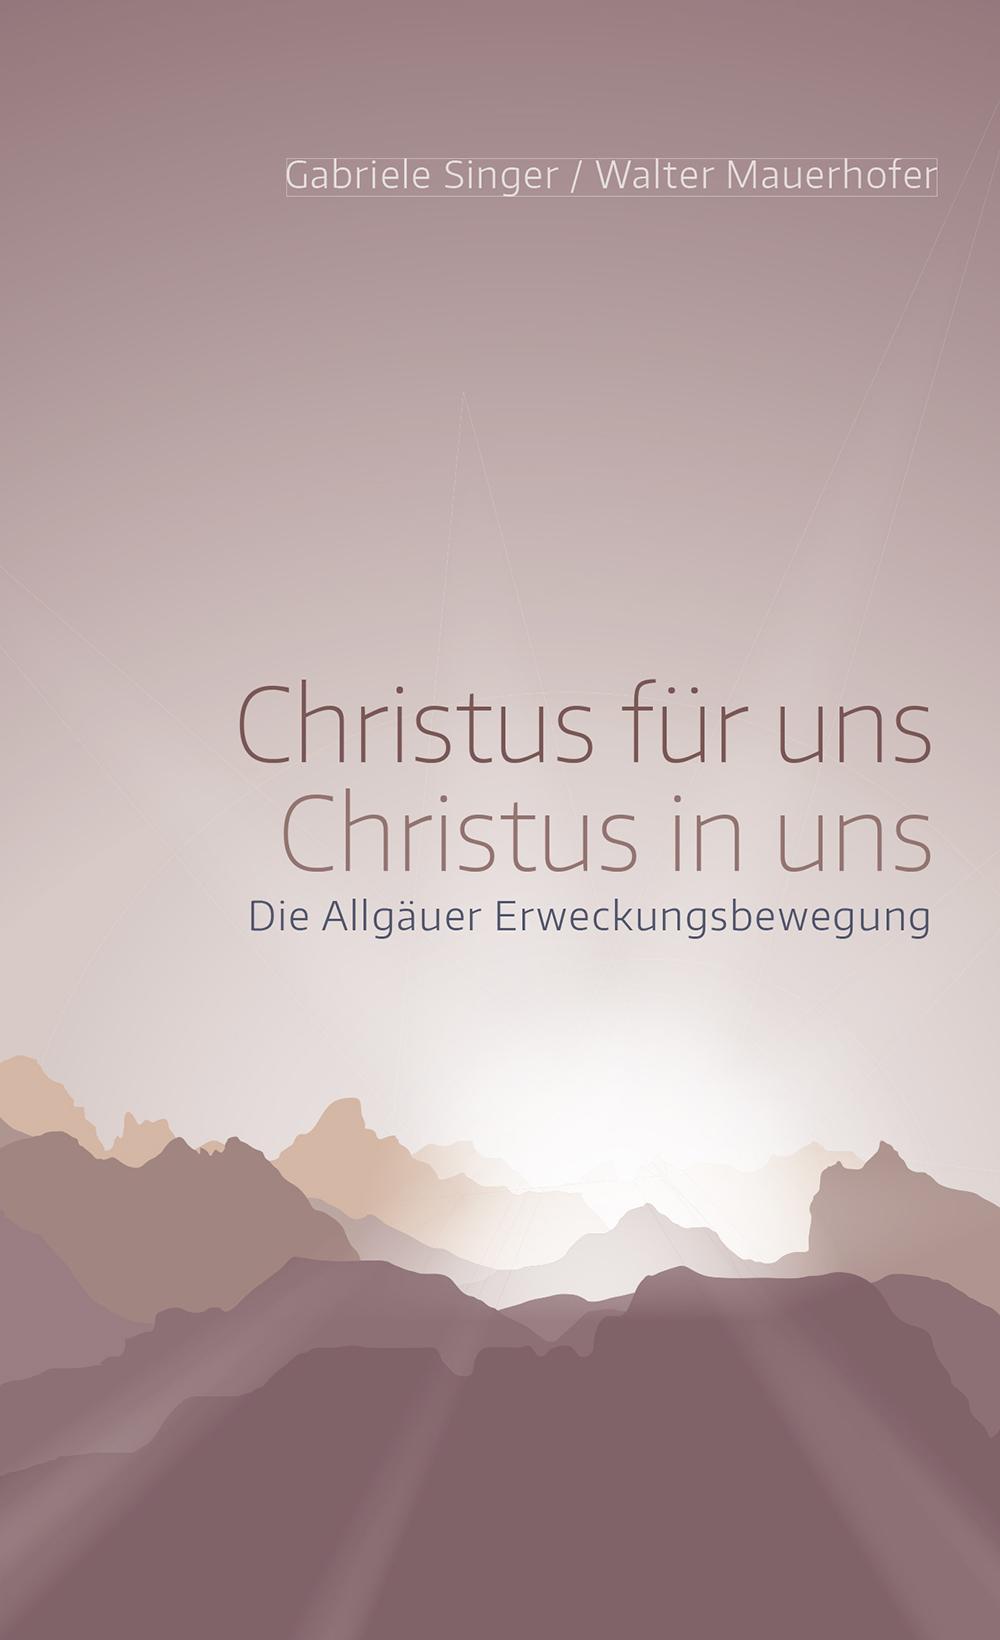 CLV_christus-fuer-uns-christus-in-uns_gabriele-singer-walter-mauerhofer_256184_1